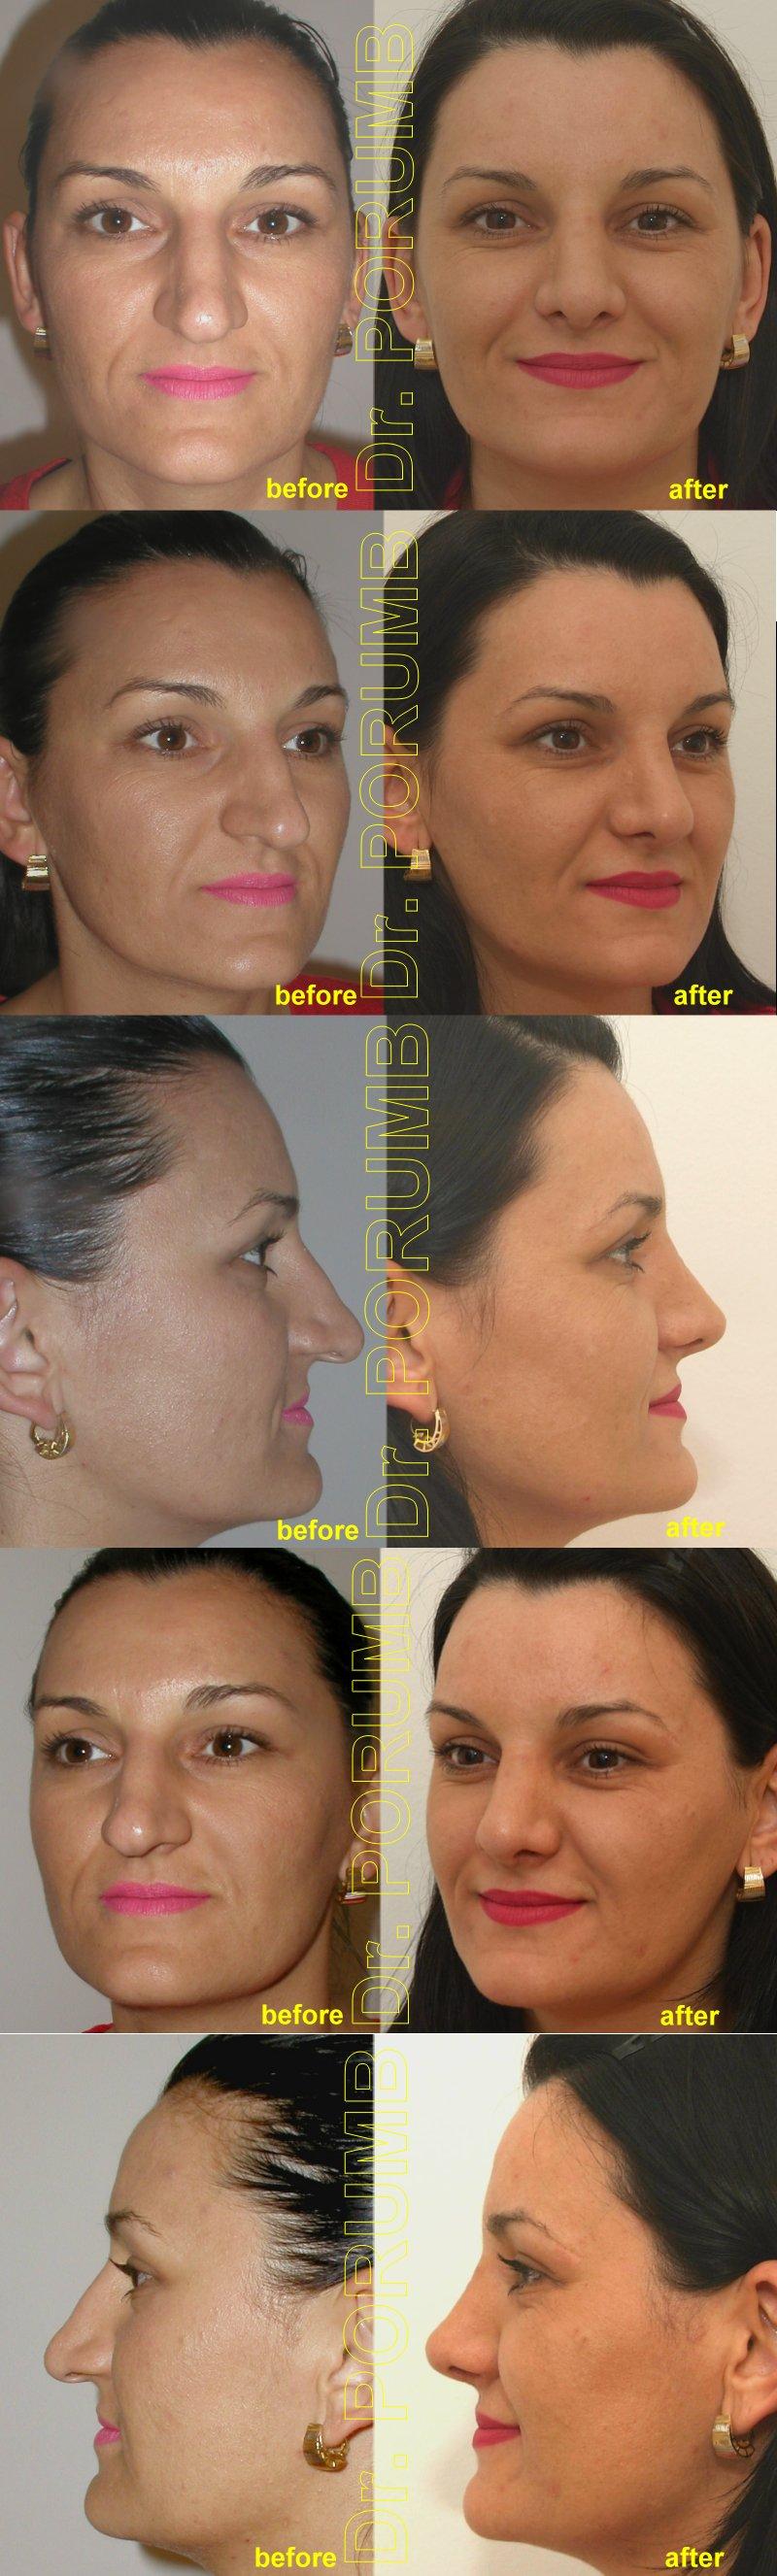 Pacienta de 33 ani, nemultumita de aspectul estetic al nasului, de marimea nasului, doreste sa apeleze la chirurgie estetica de rinoplastie (operatie estetica nas), cu corectia deviatiei de sept si deviatiei de nas, subtierea nasului, a varfului nasului si scurtarea nasului